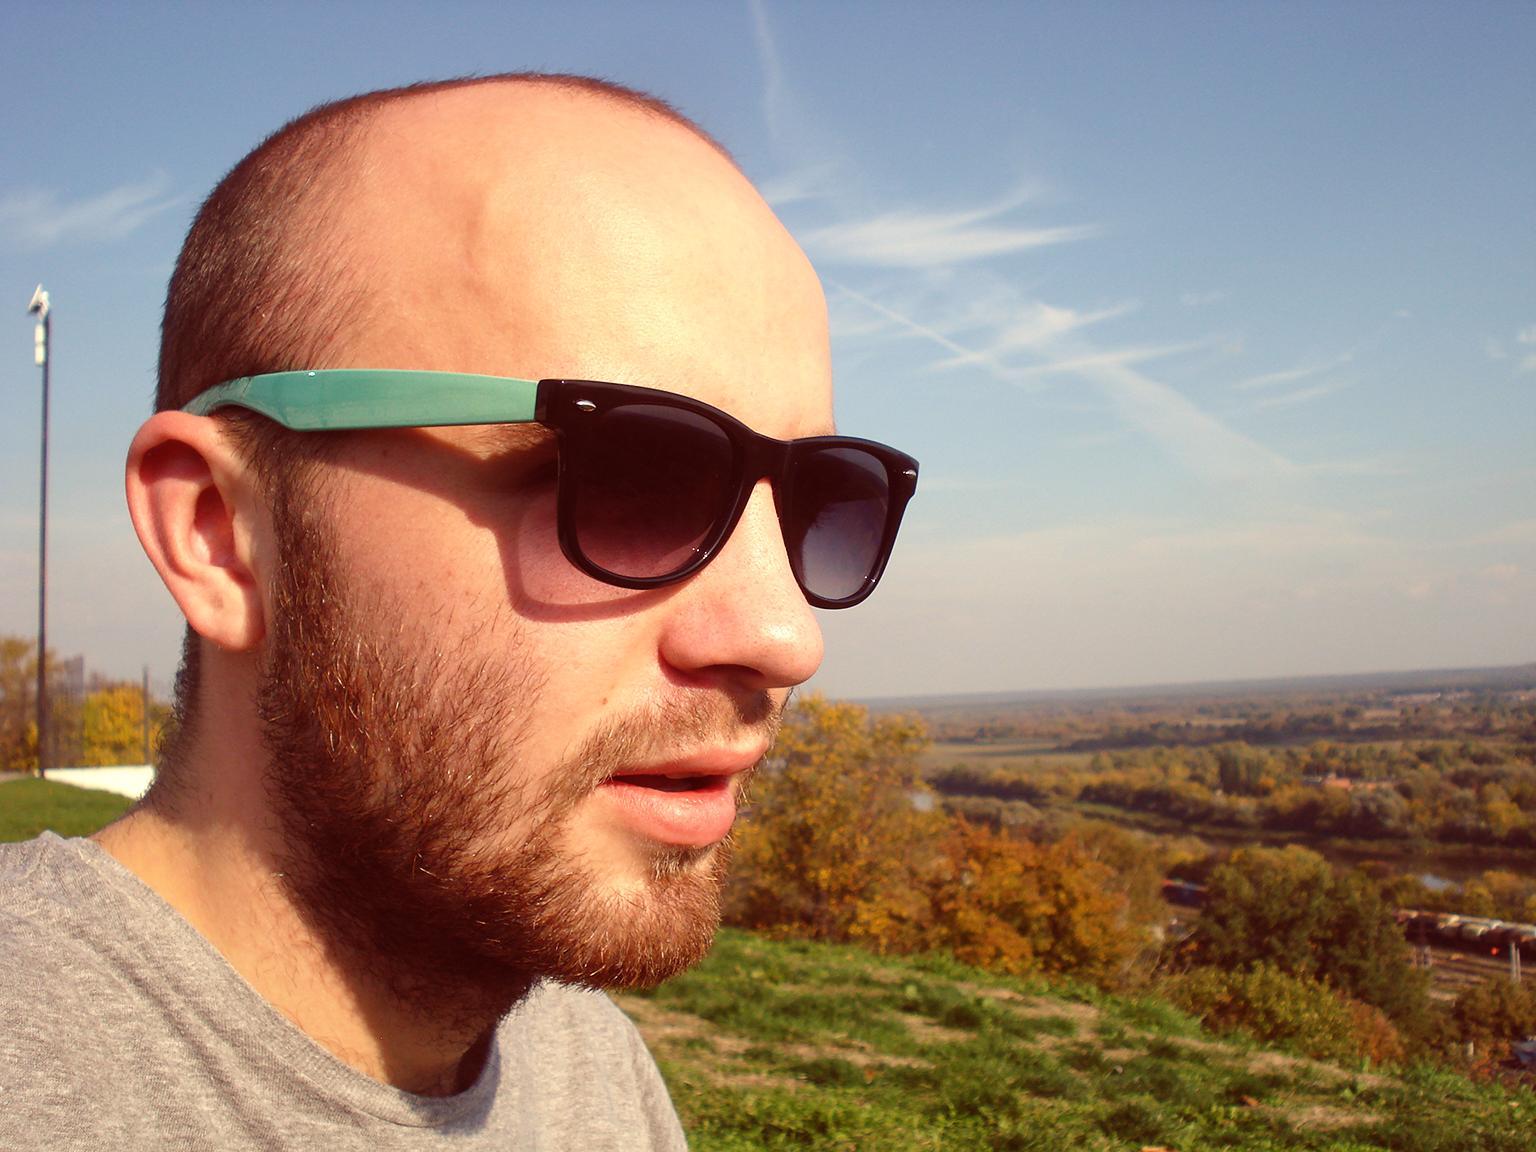 Bulb-wzp's Profile Picture